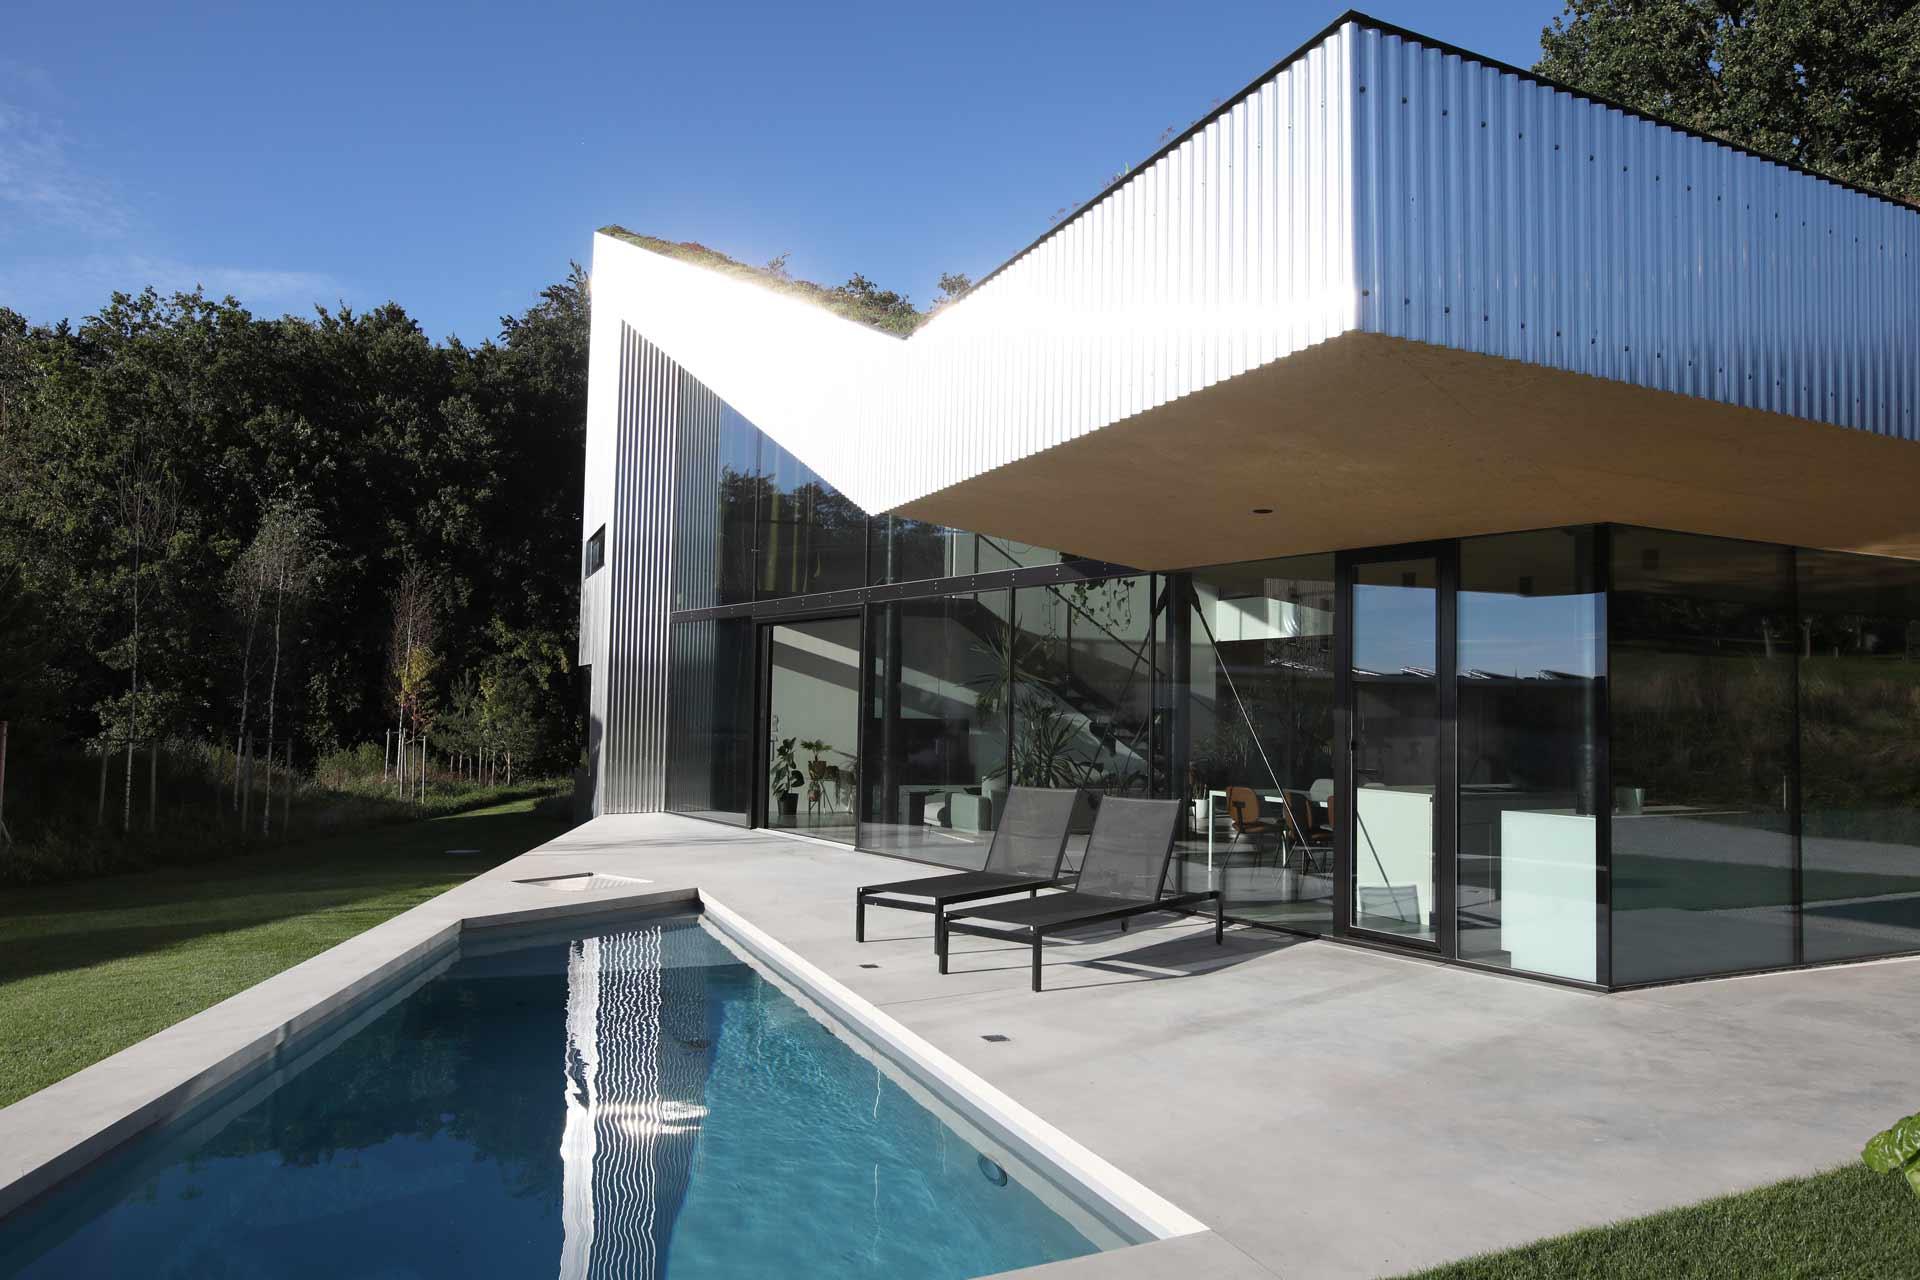 Mitarbeiter finden Architekturbuero Bild: Caramel House Mesh